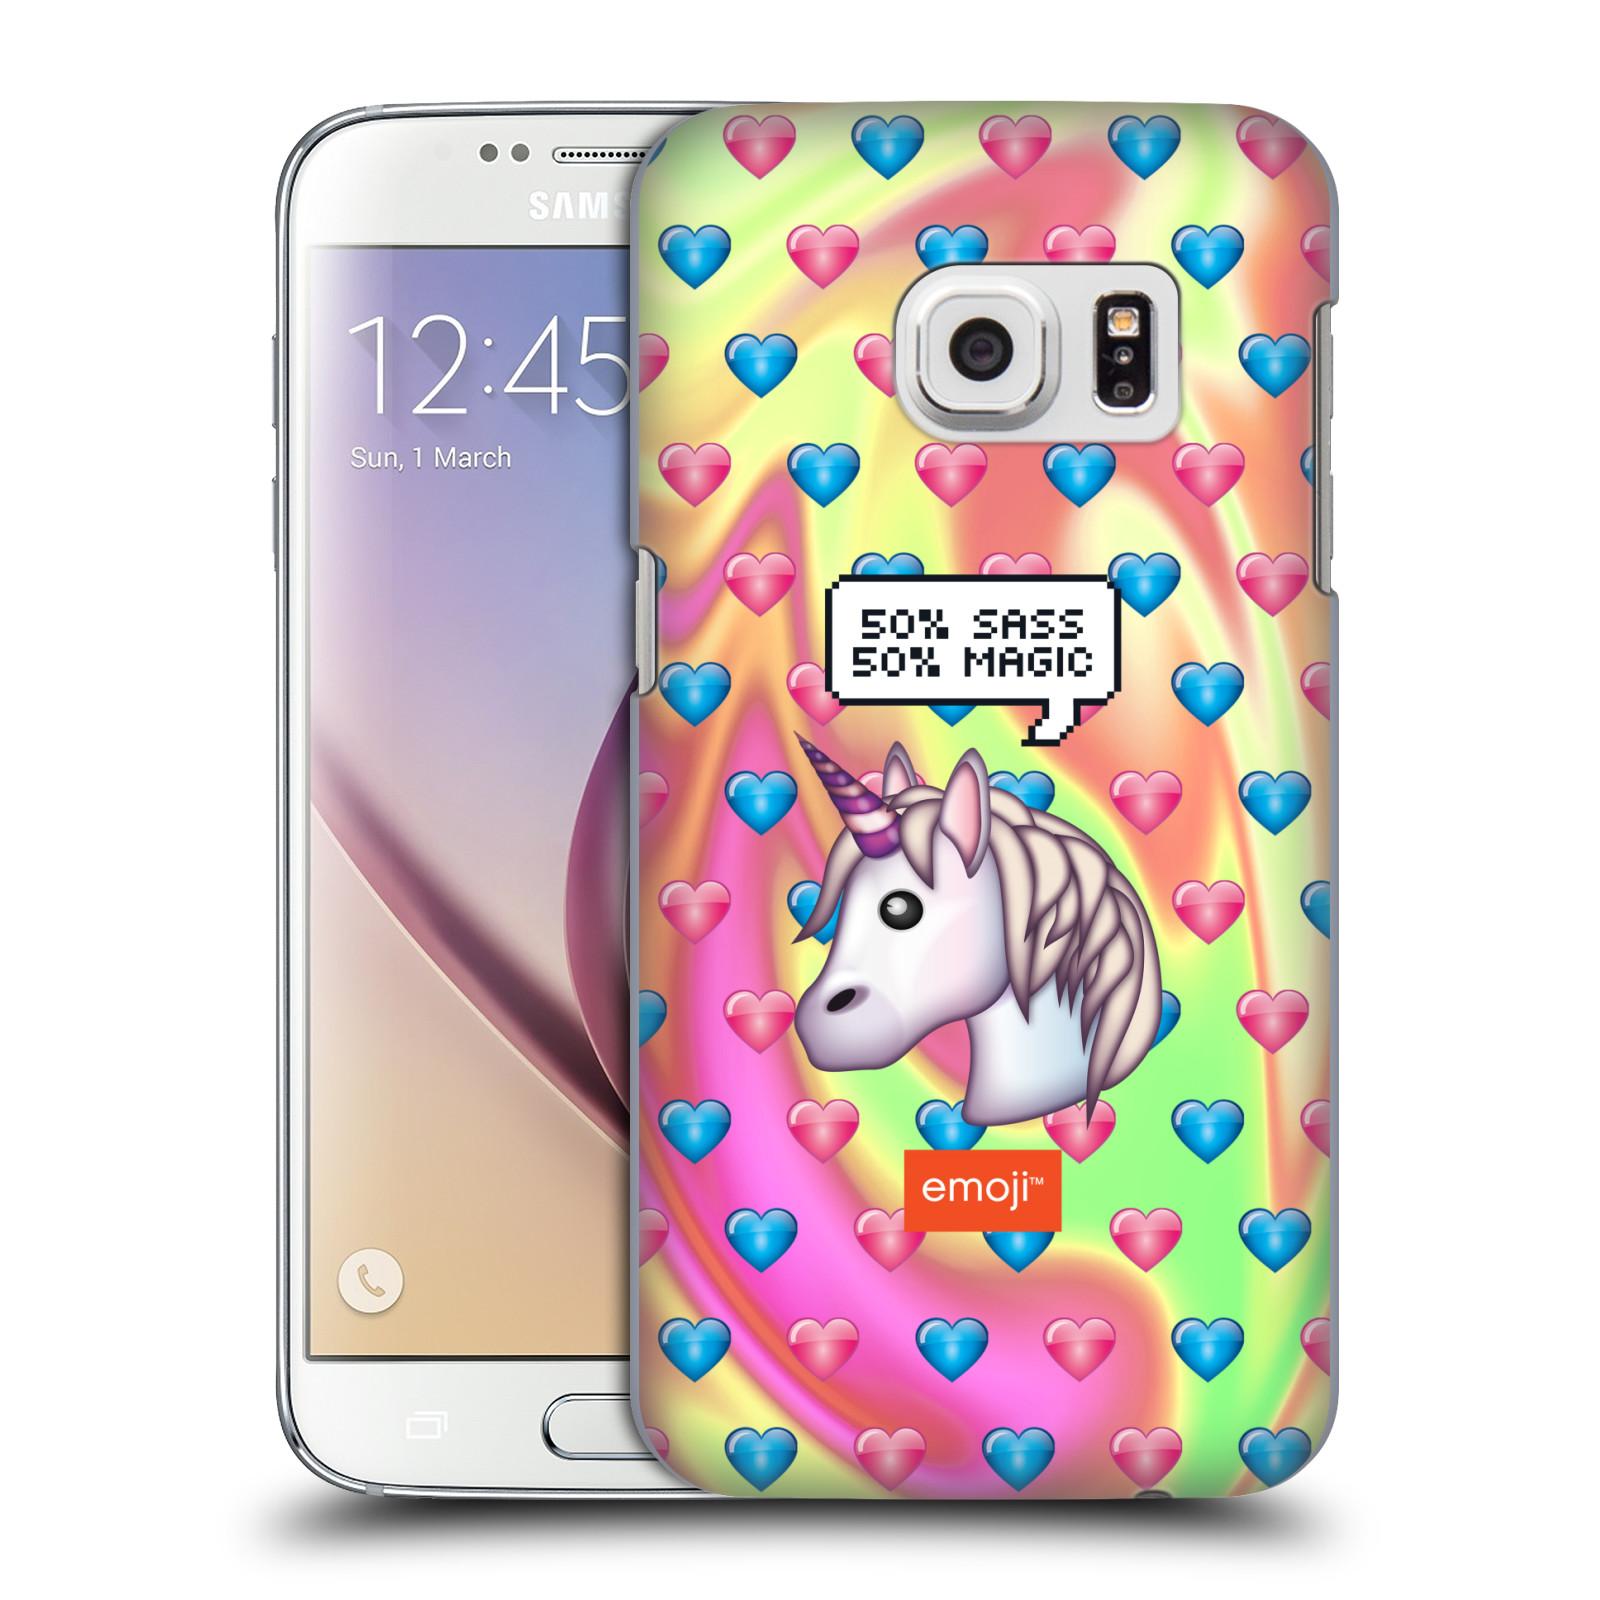 Plastové pouzdro na mobil Samsung Galaxy S7 HEAD CASE EMOJI - Jednorožec (Kryt či obal s oficiálním motivem EMOJI na mobilní telefon Samsung Galaxy S7 SM-G930F)